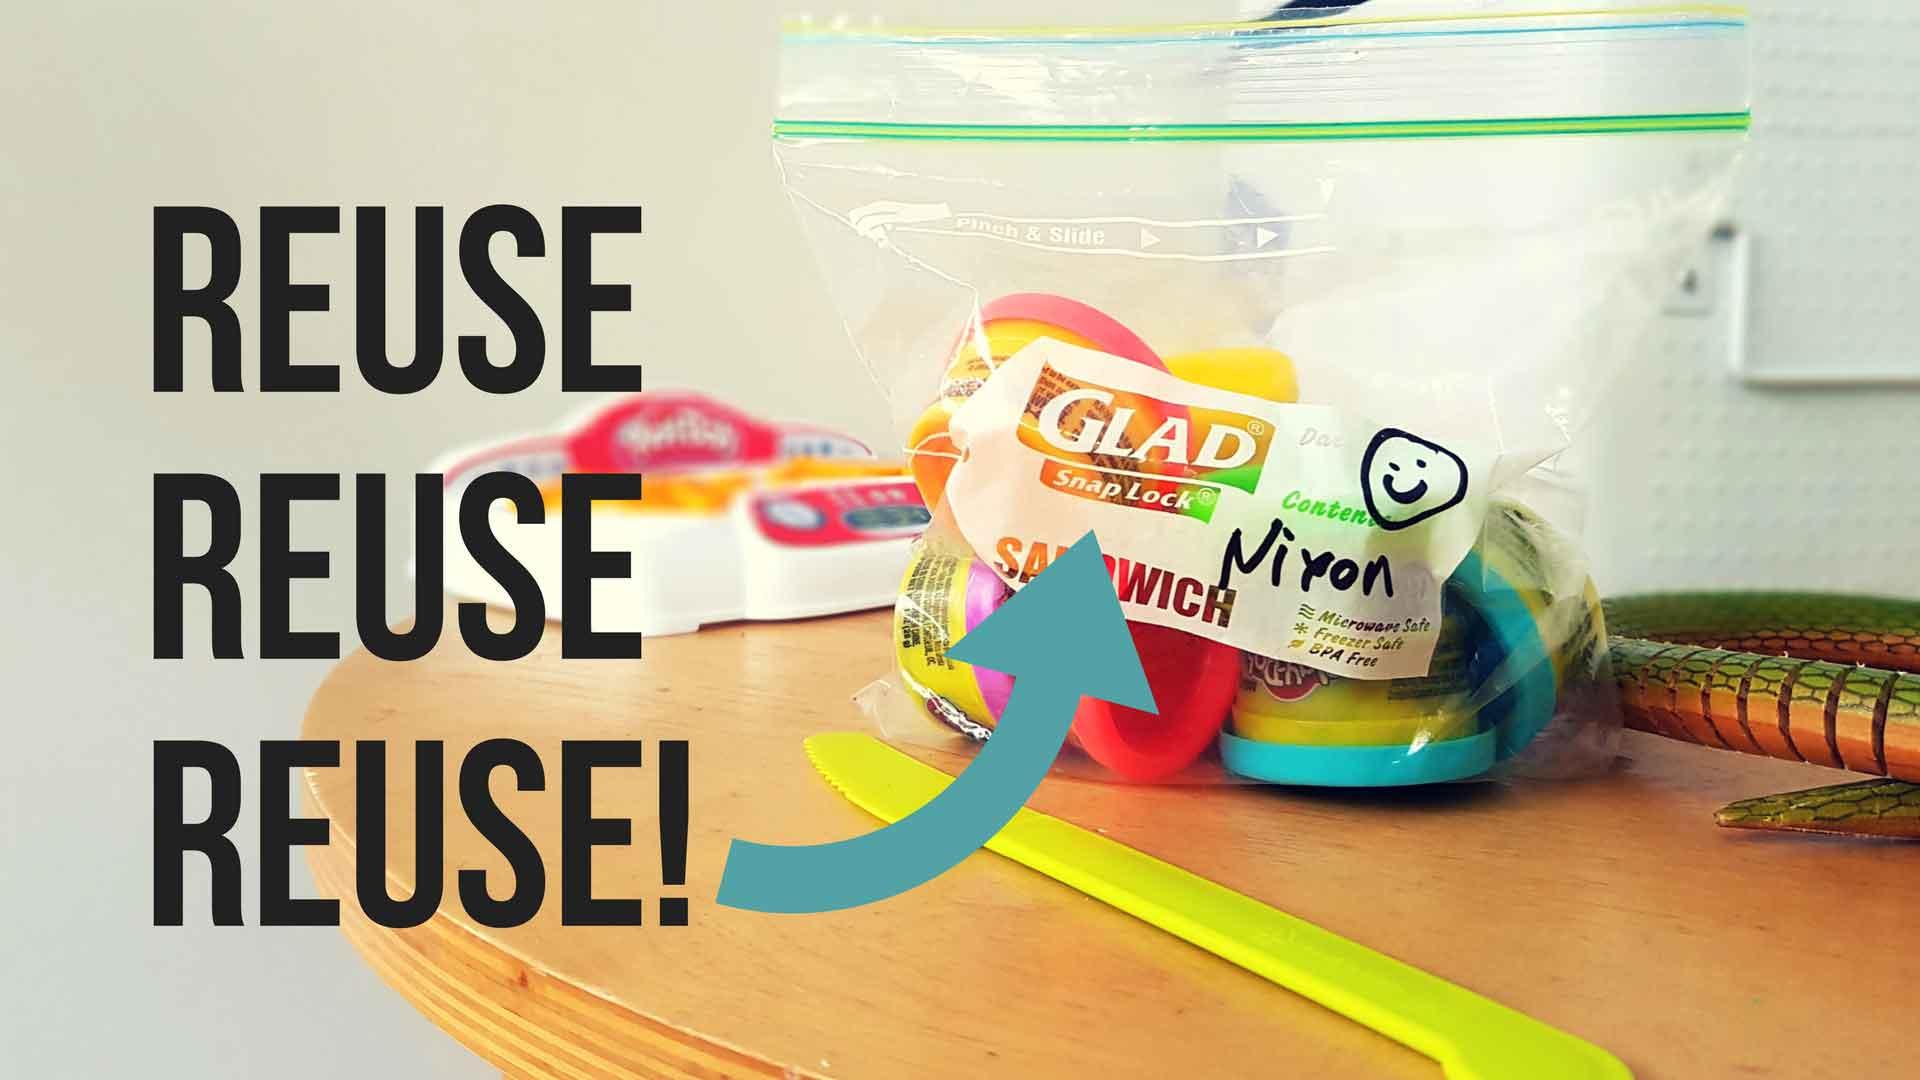 Reuse, Reuse, Reuse……..Recycle!